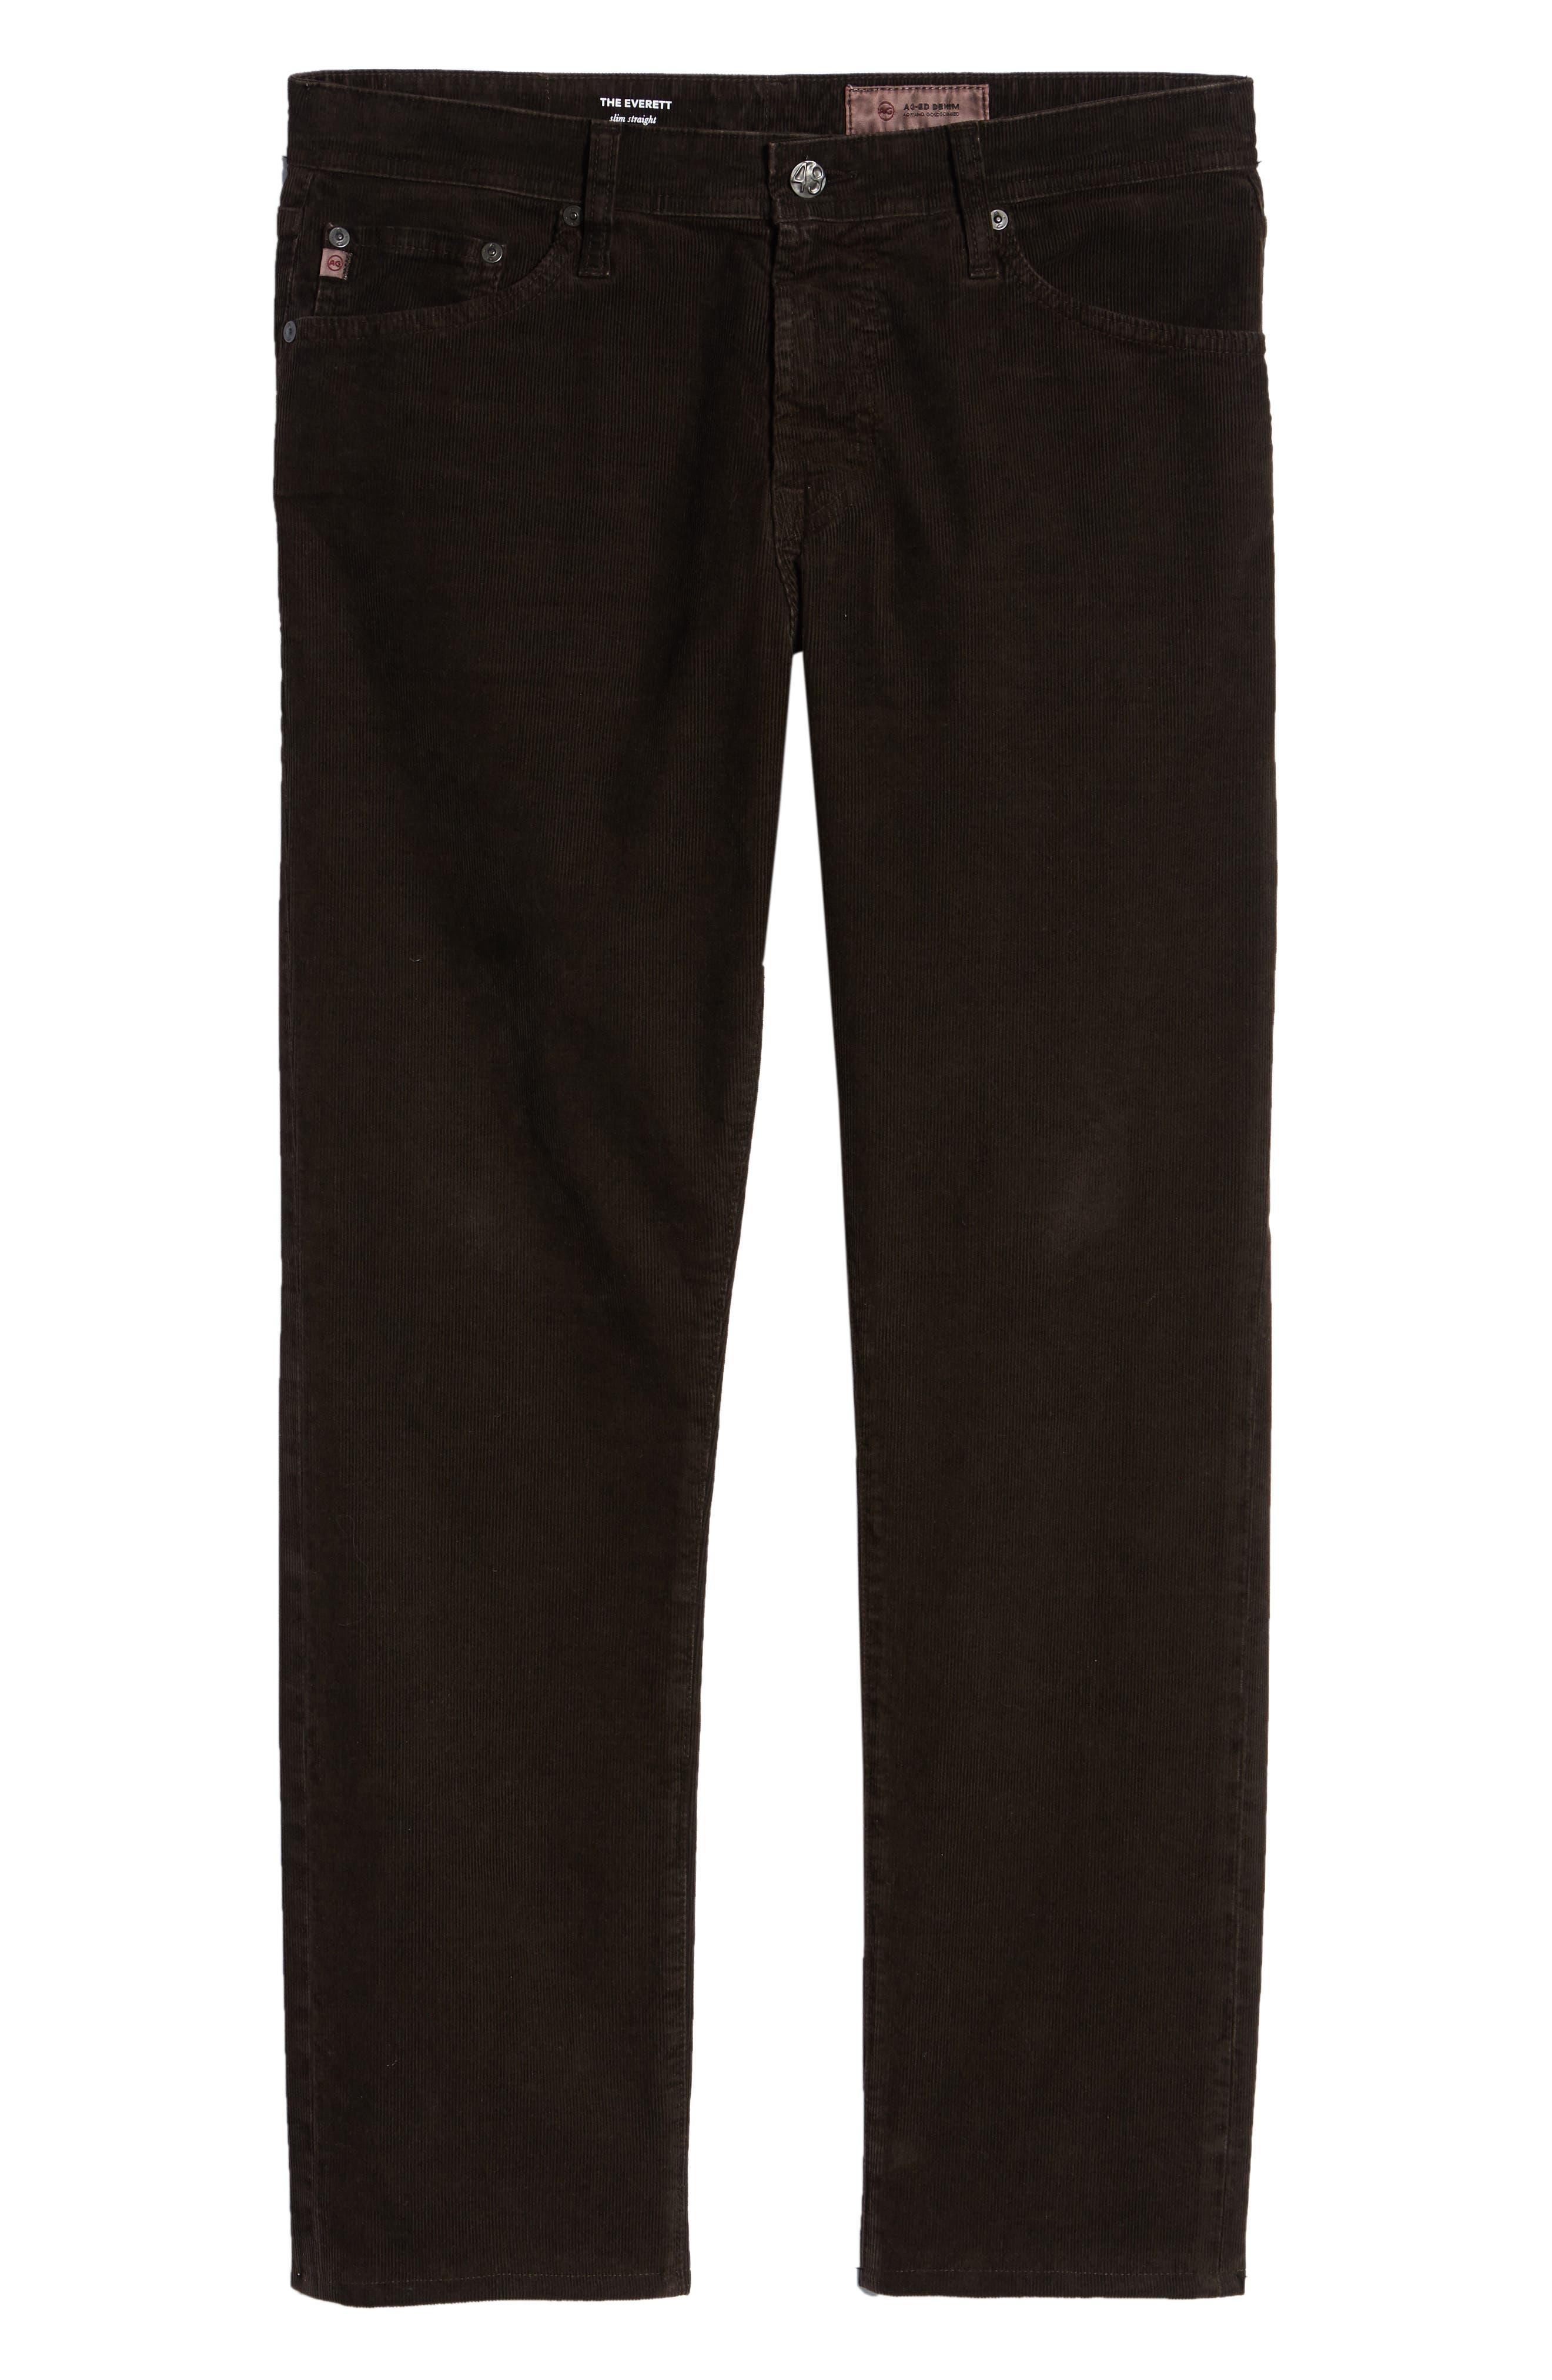 Everett Straight Leg Corduroy Pants,                             Alternate thumbnail 6, color,                             SULFUR SHUTTER